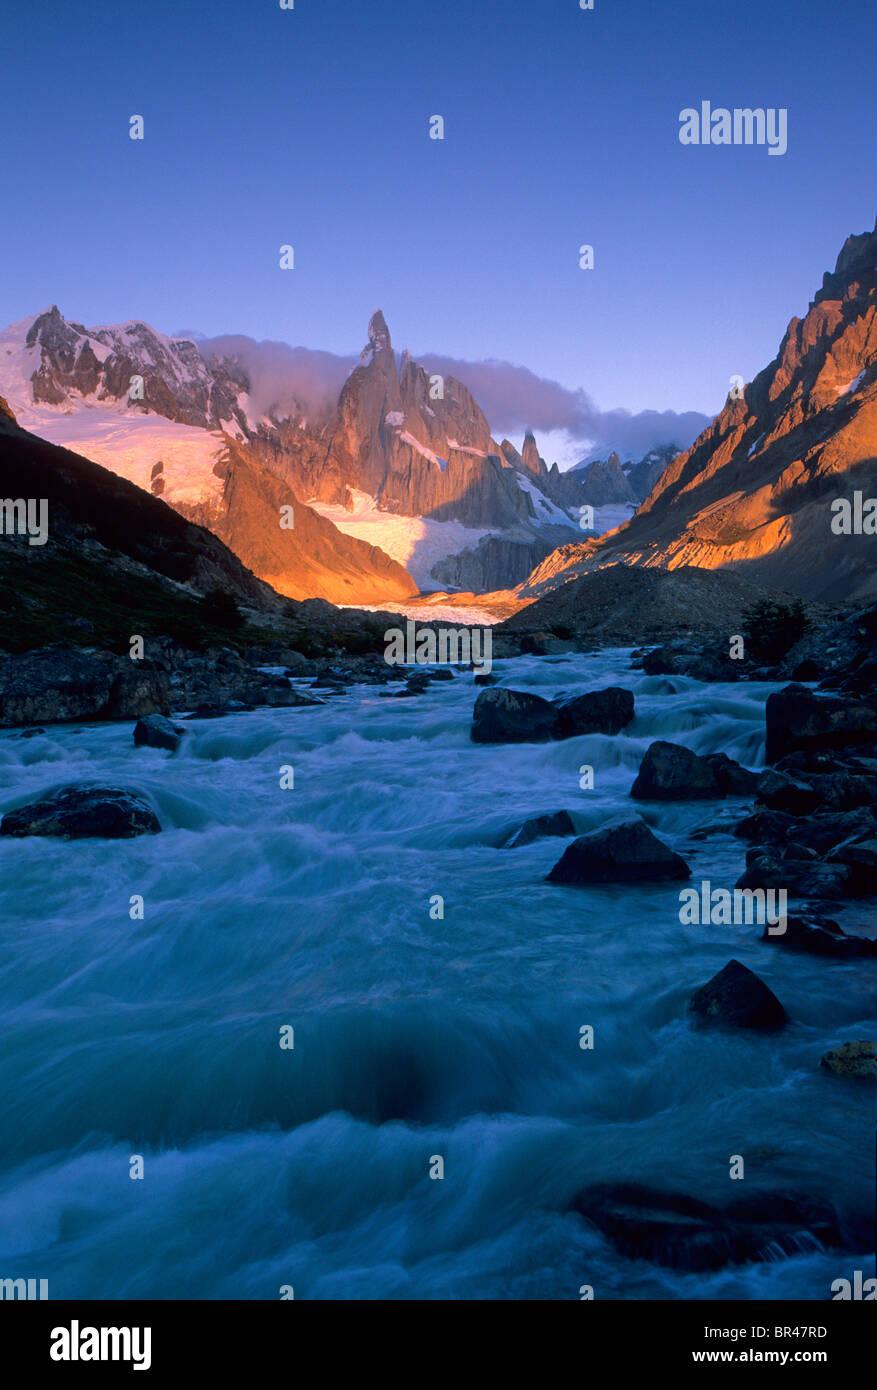 Las luces del amanecer un paisaje de montaña en la Patagonia, Argentina. Imagen De Stock